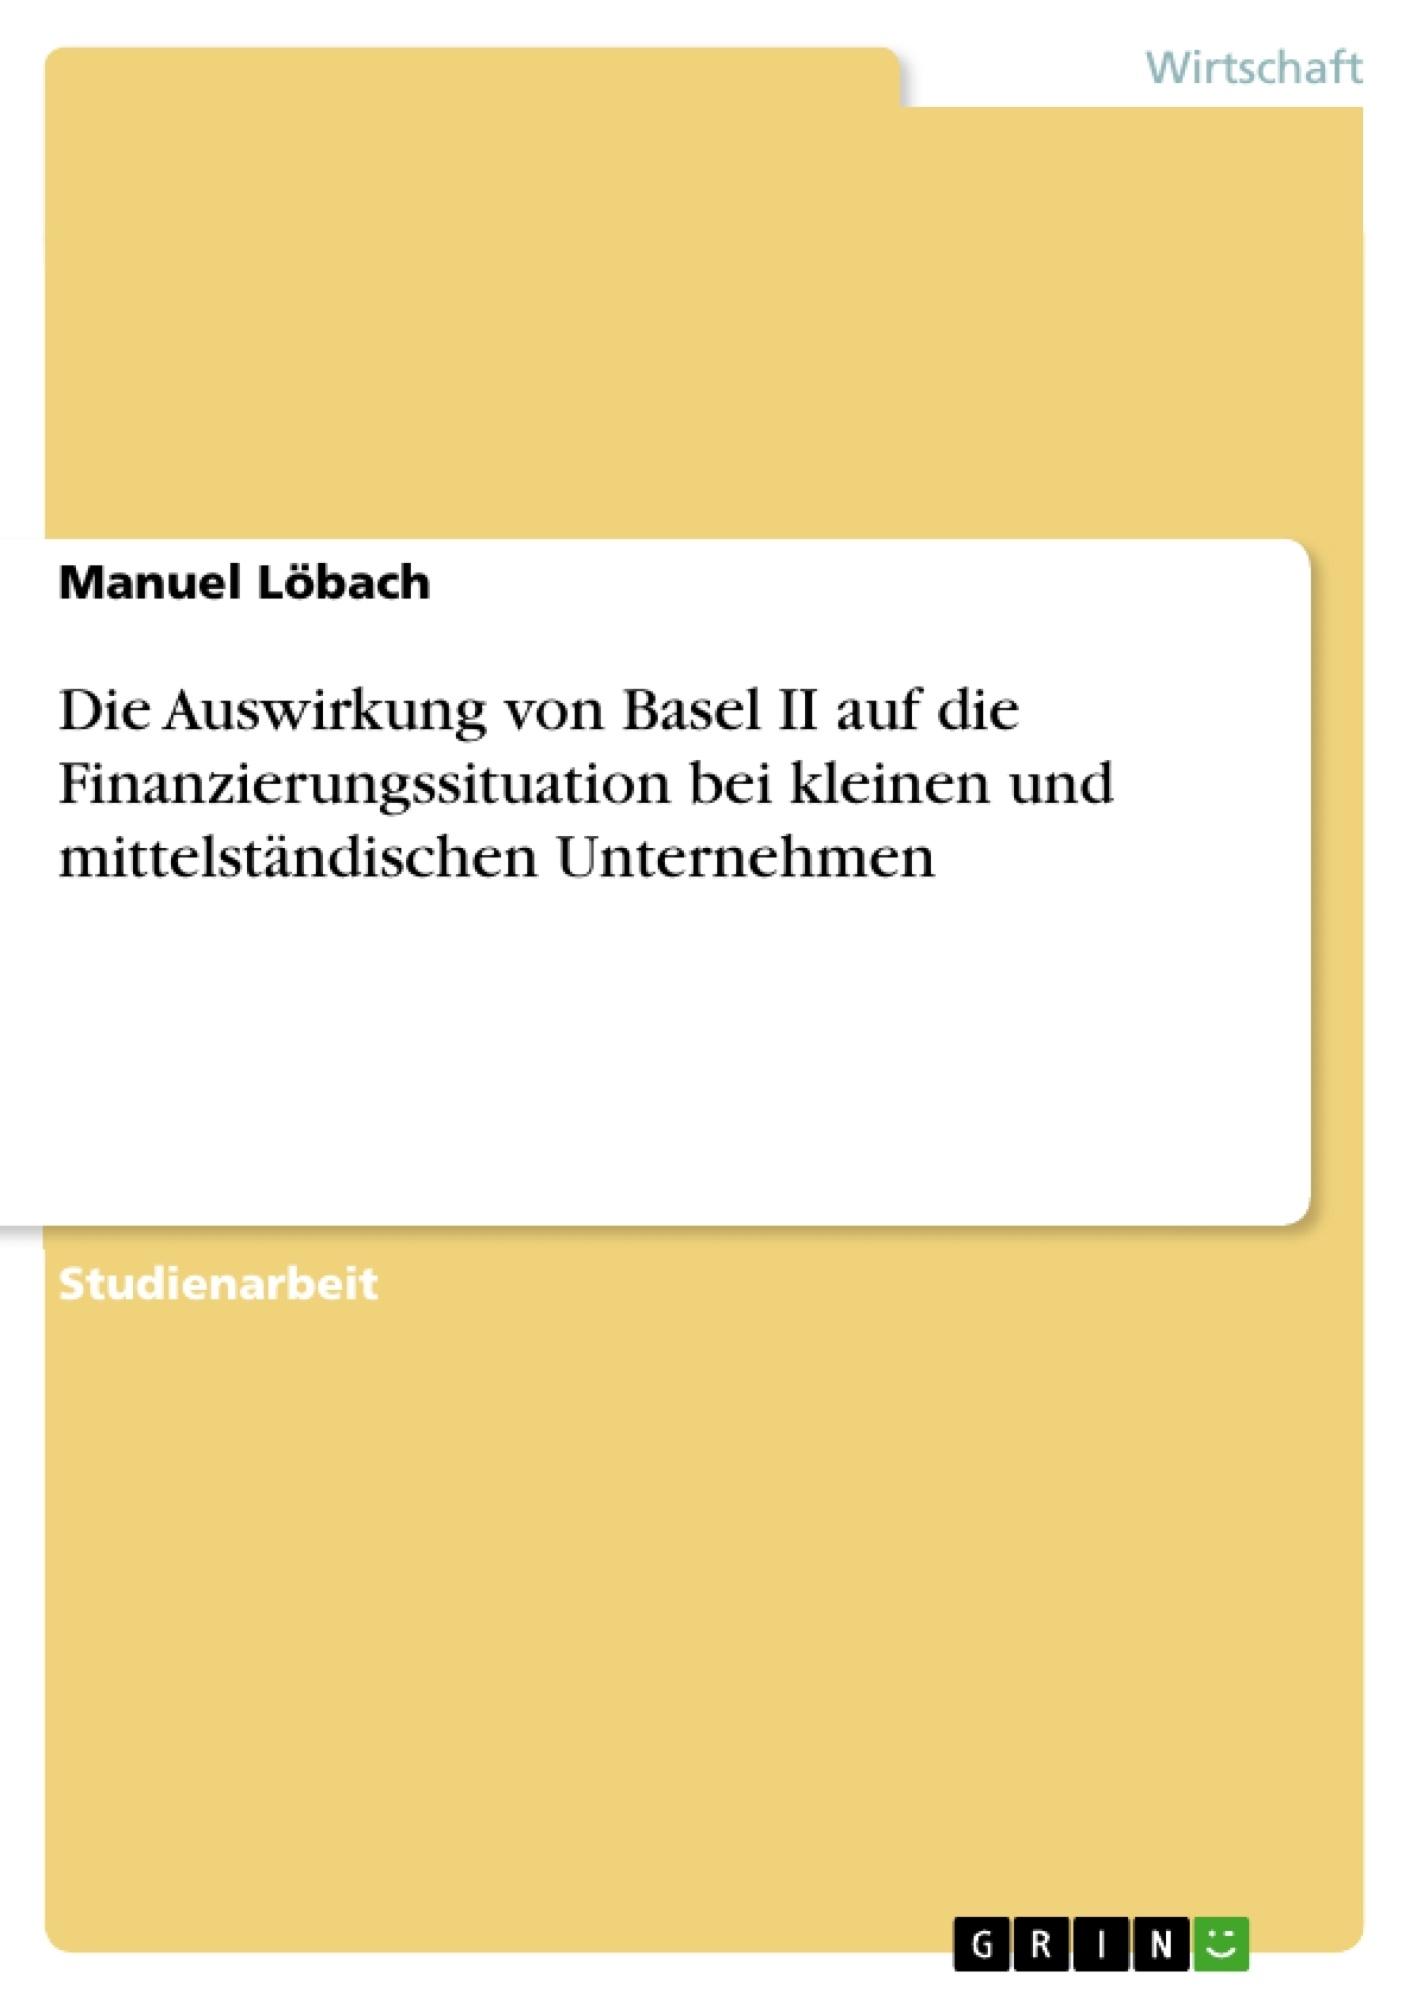 Titel: Die Auswirkung von Basel II auf die Finanzierungssituation bei kleinen und mittelständischen Unternehmen